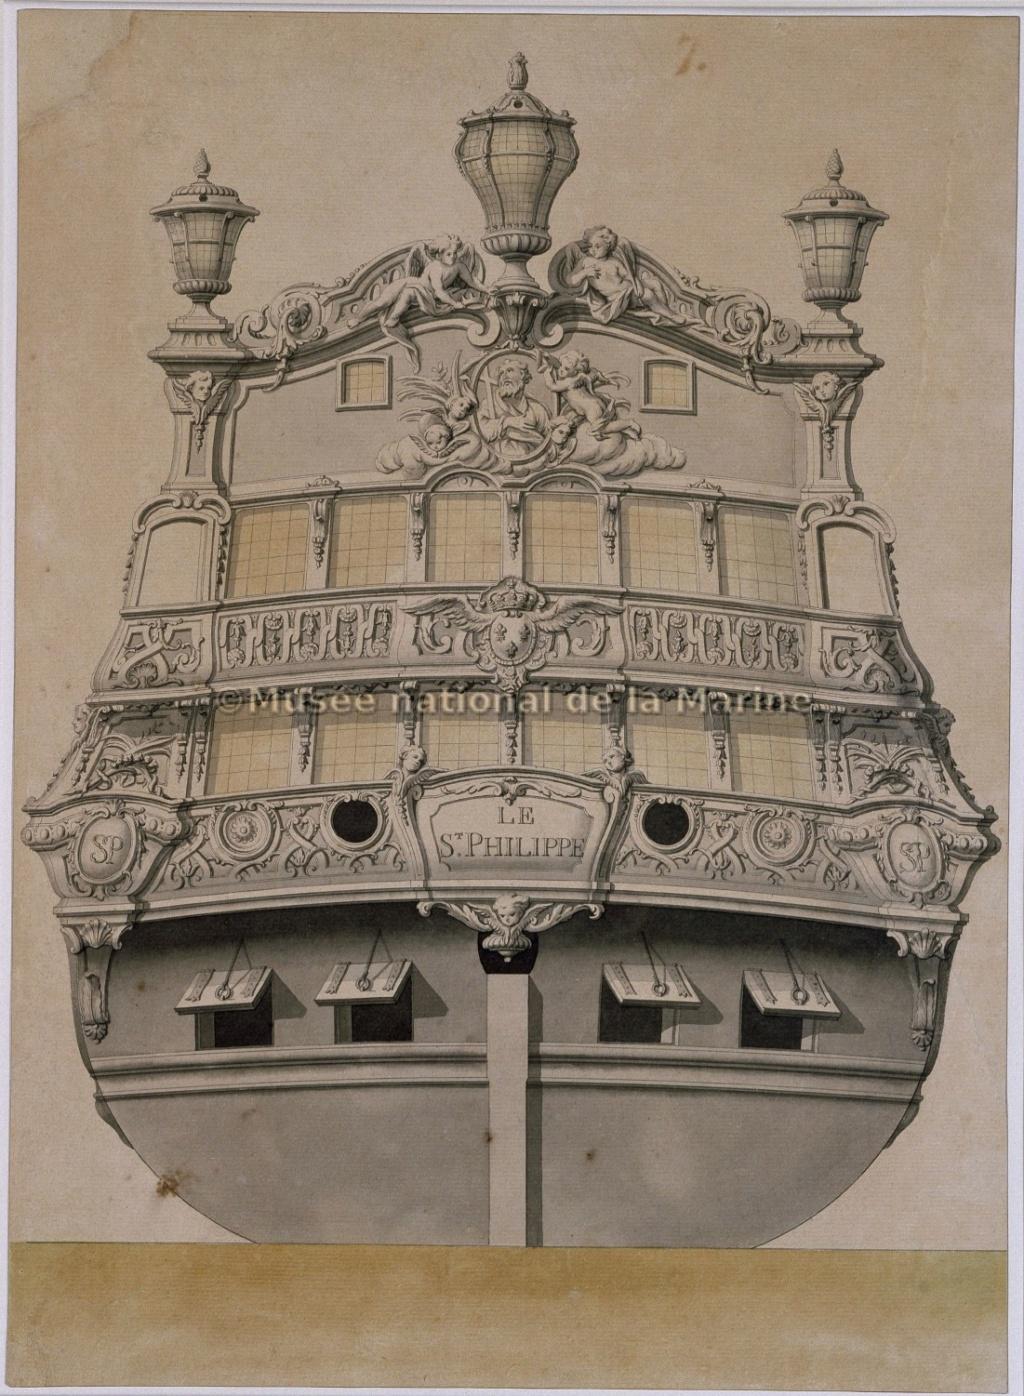 Tranche arrière du St. Philippe M5026-18